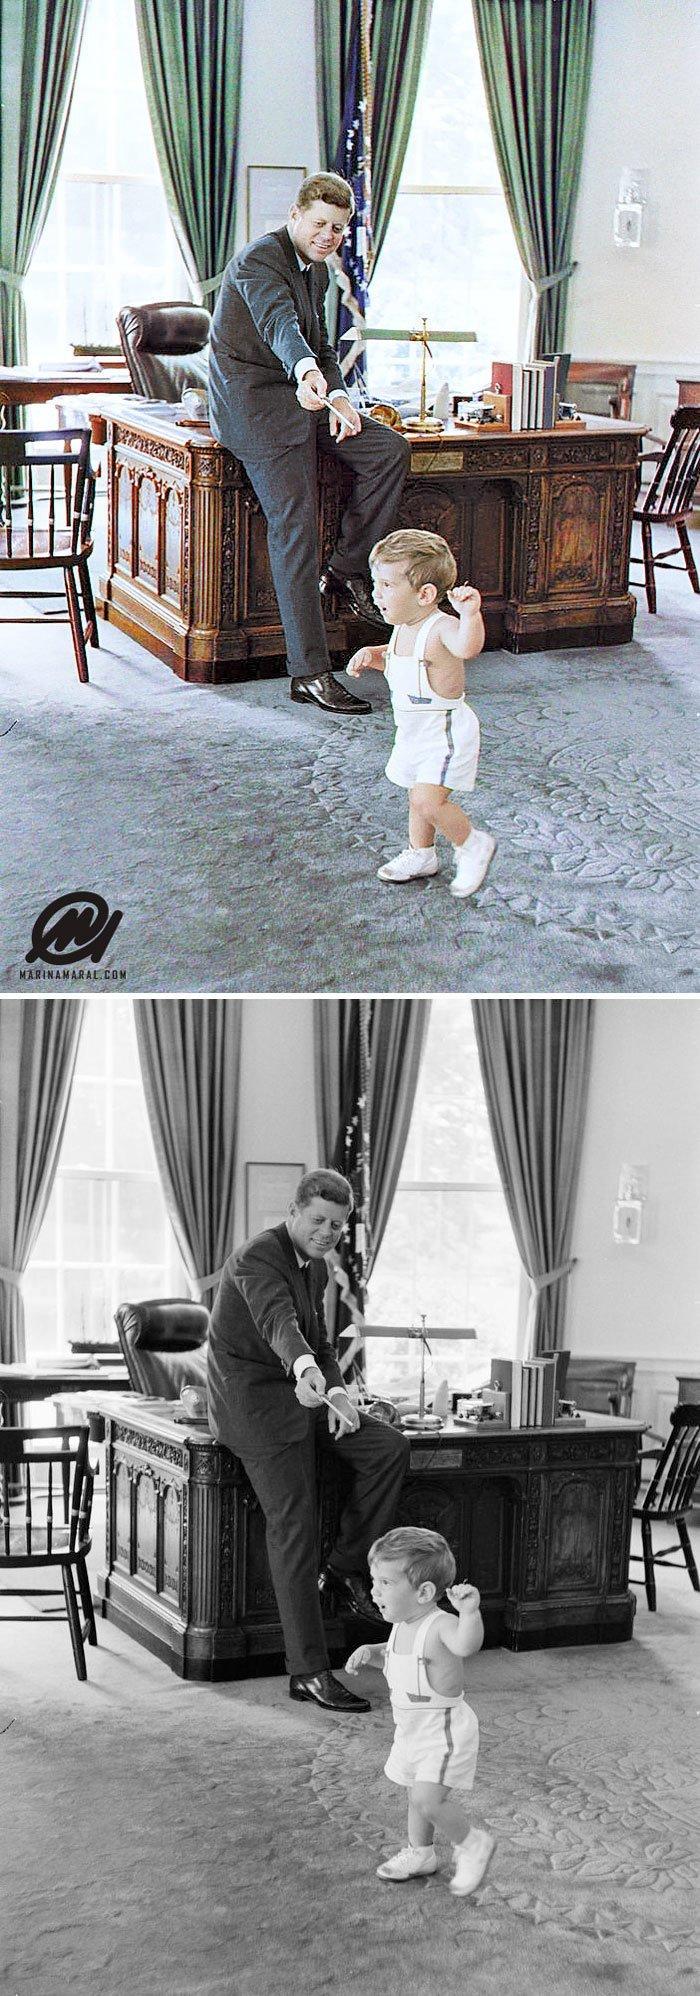 Президент Джон Кеннеди со своим сыном в Овальном кабинете Белого дома, Вашингтон, 25 мая 1962 года история, портрет, прошлое, событие, фотография, фотомир, цвет